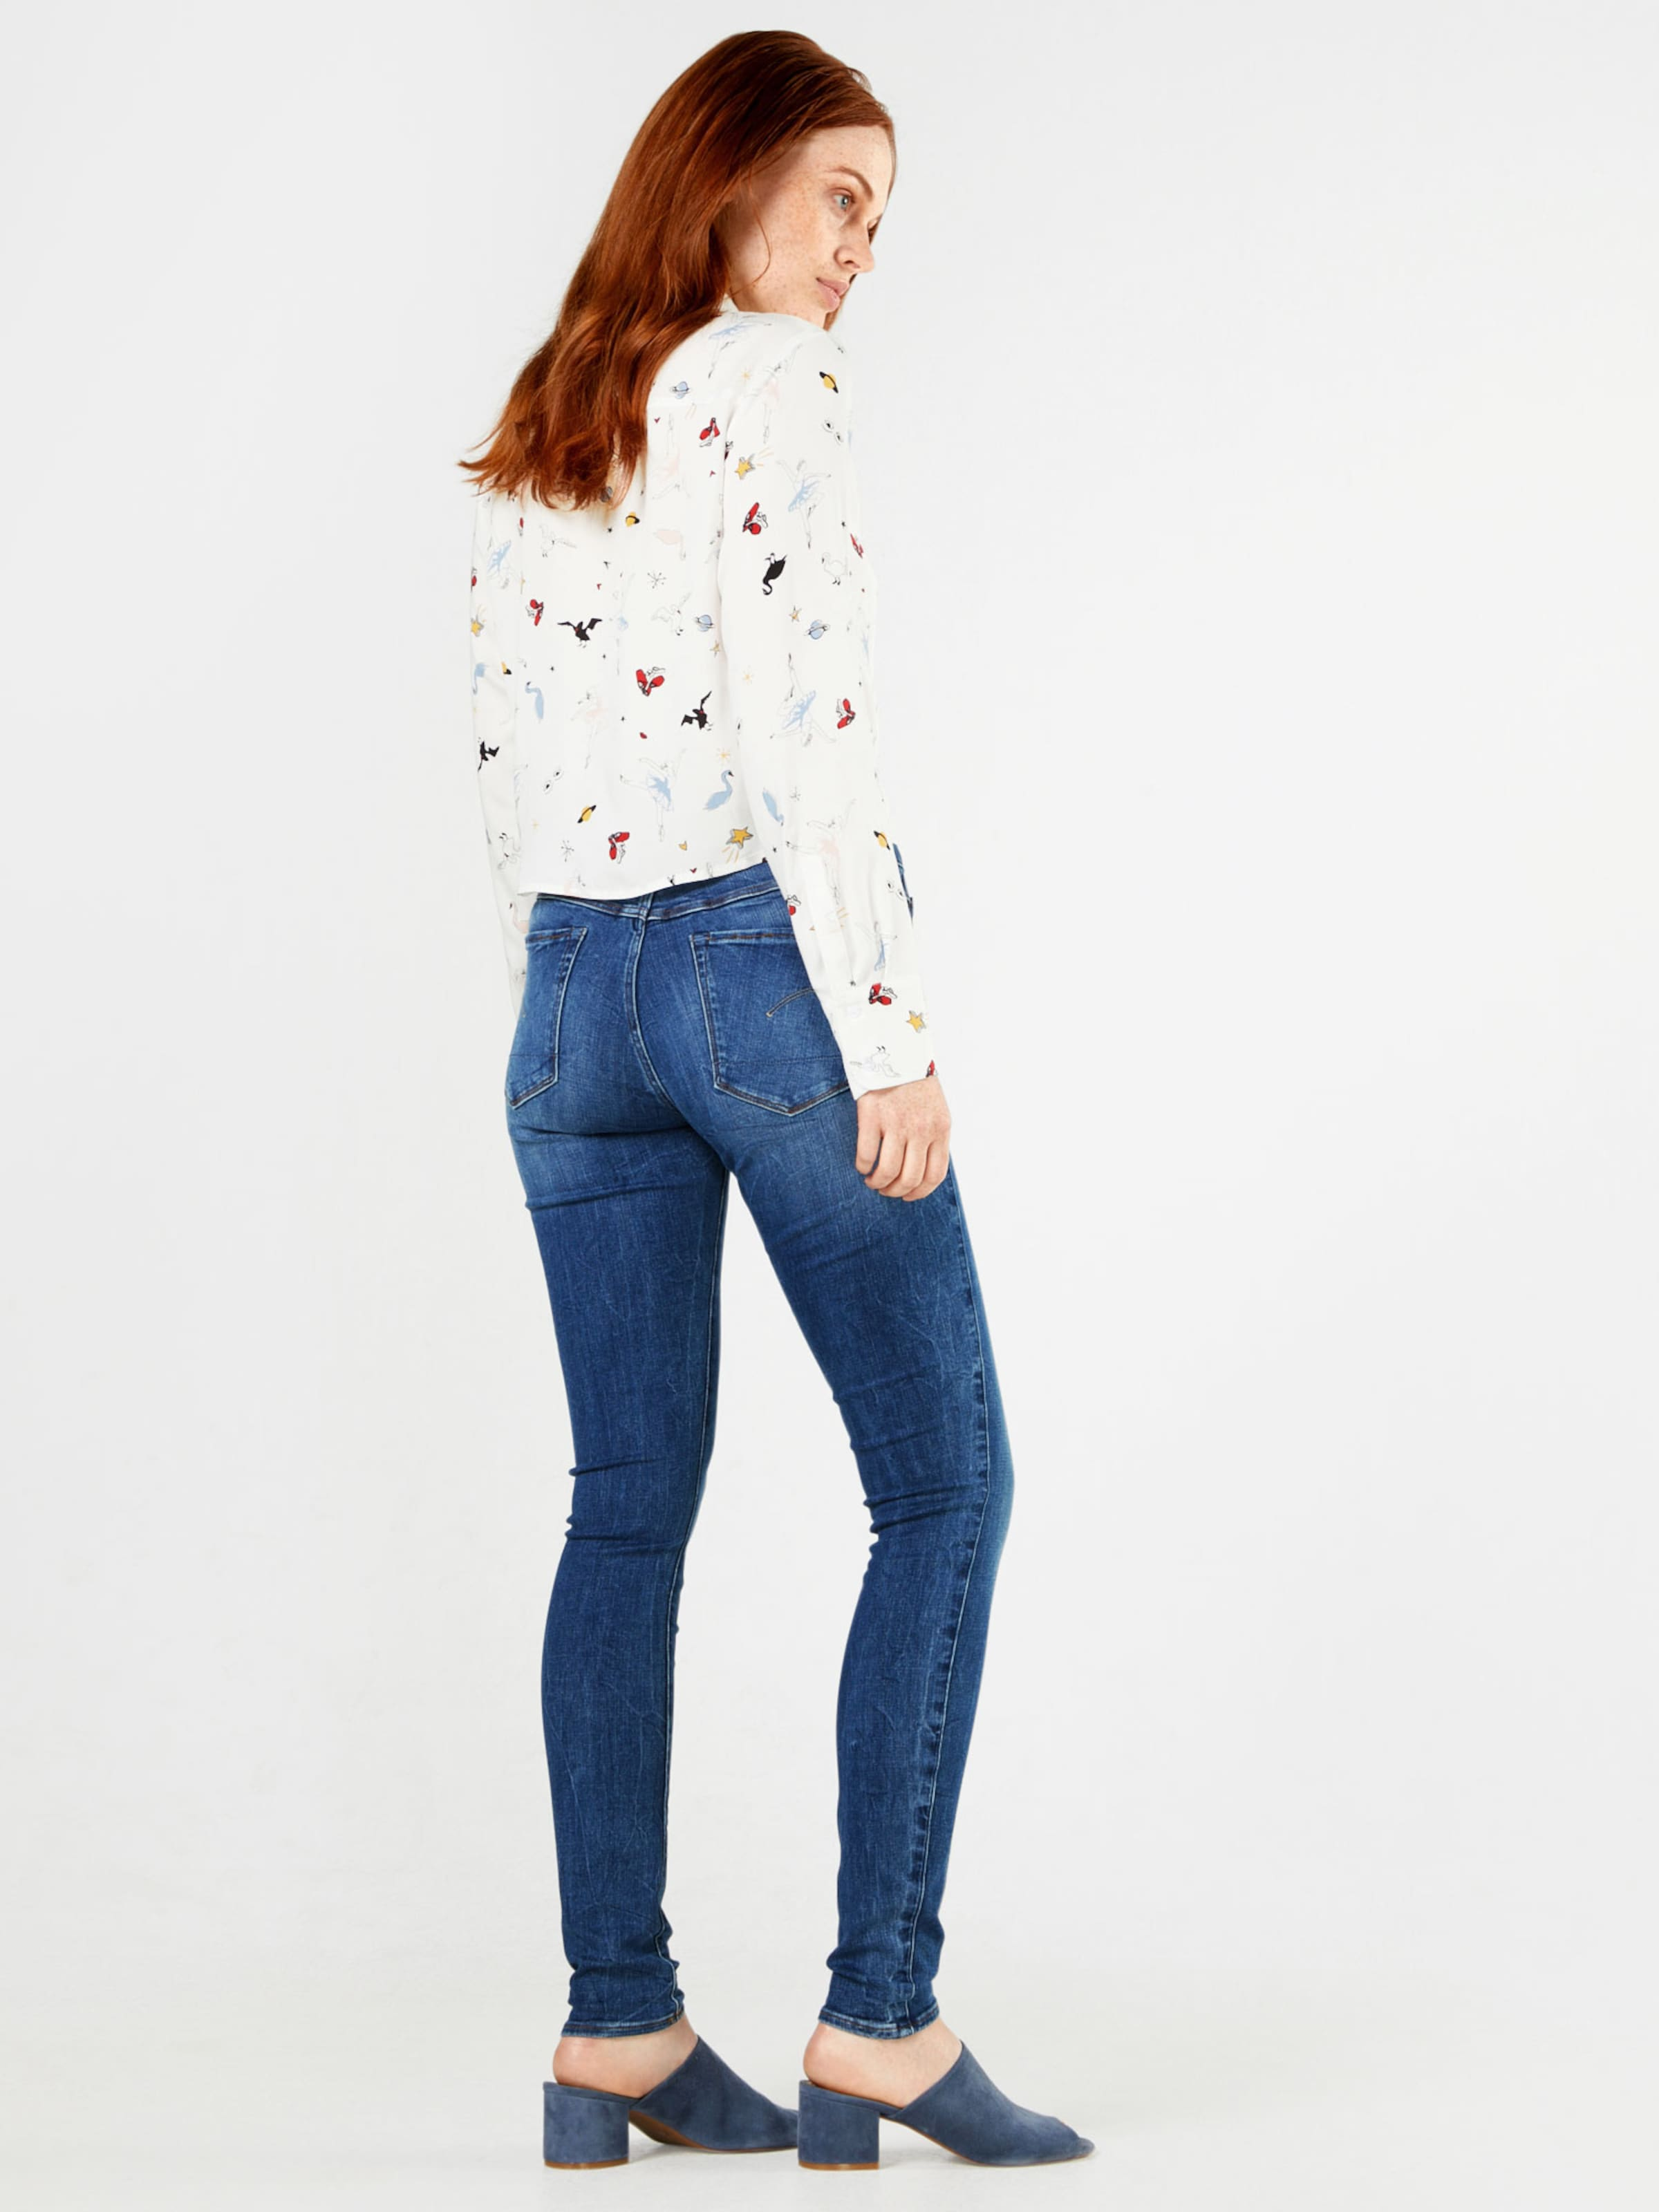 G-STAR RAW Jeans'3301' Günstiges Preis Original Steckdose Mit Paypal Zahlen Mit Paypal Günstigem Preis AJUAAzjX